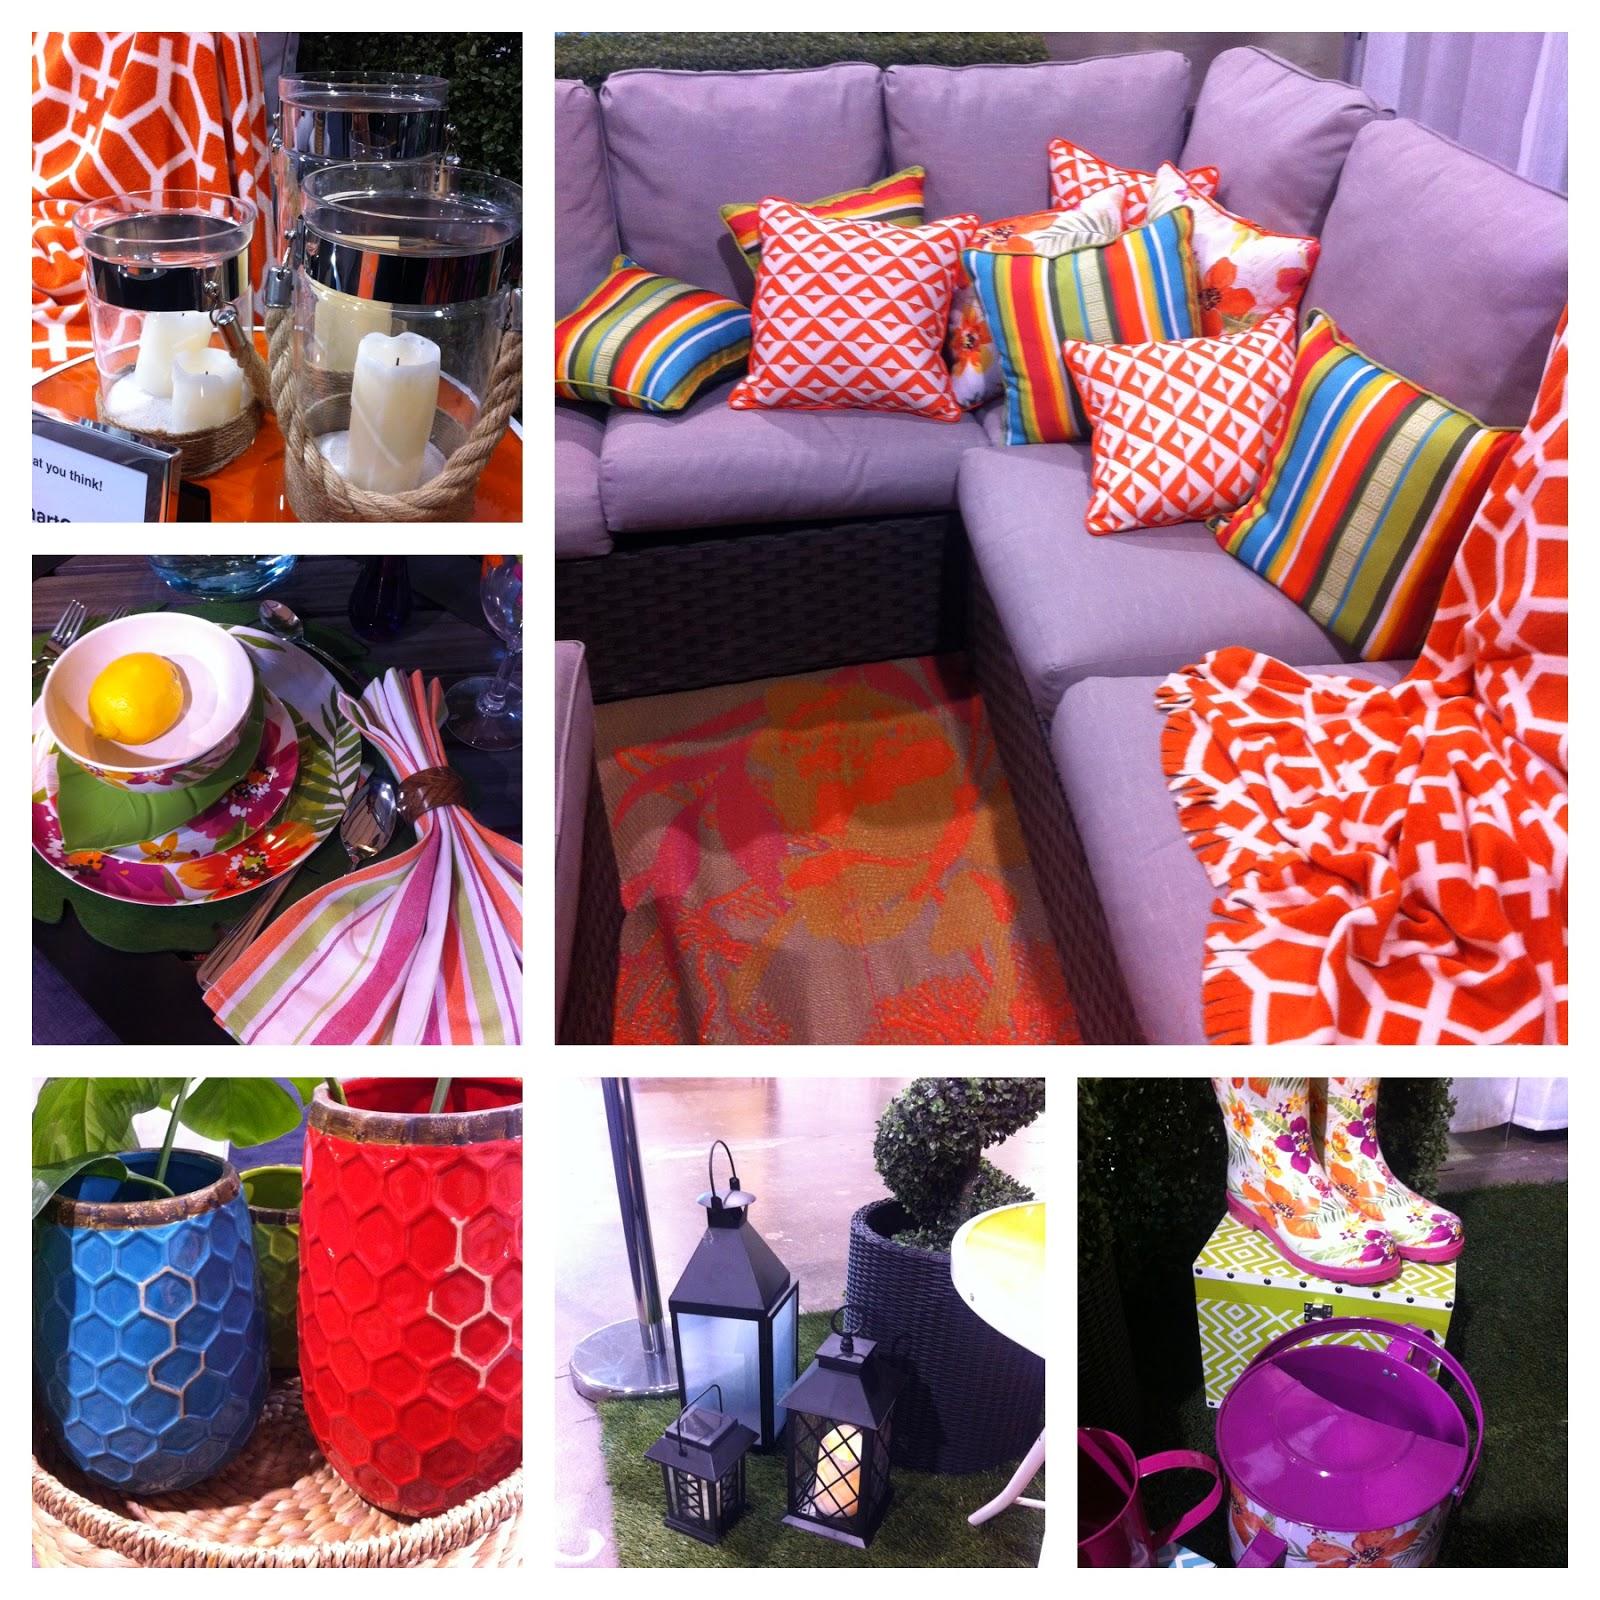 Walmart Outdoor Furniture, Walmart Outdoor Living, Outdoor Patio & Furniture, Walmart Outdoor Collection 2014